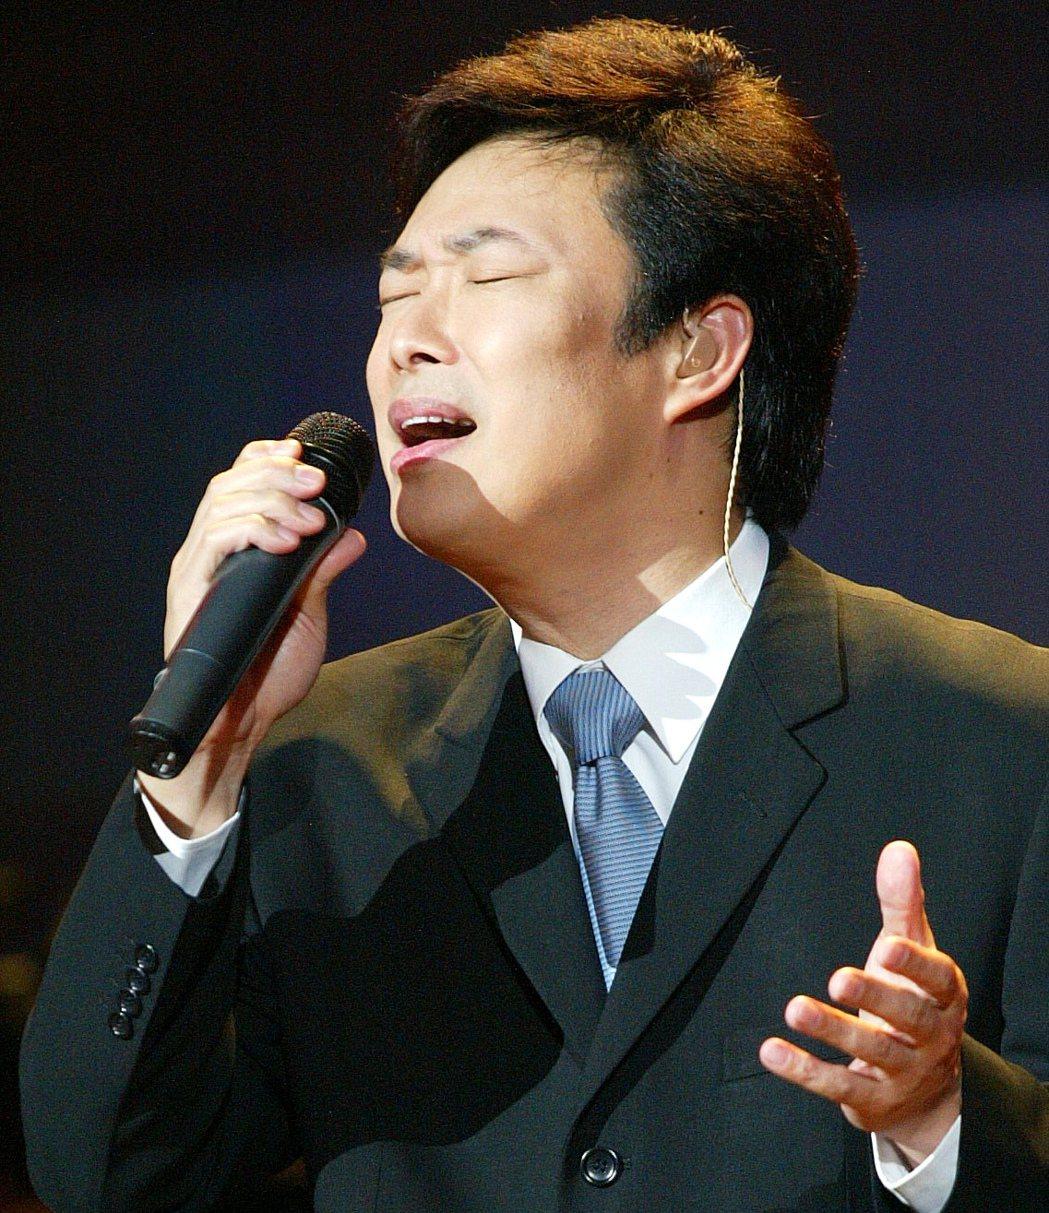 費玉清唱歌習慣45度仰角。本報資料照片